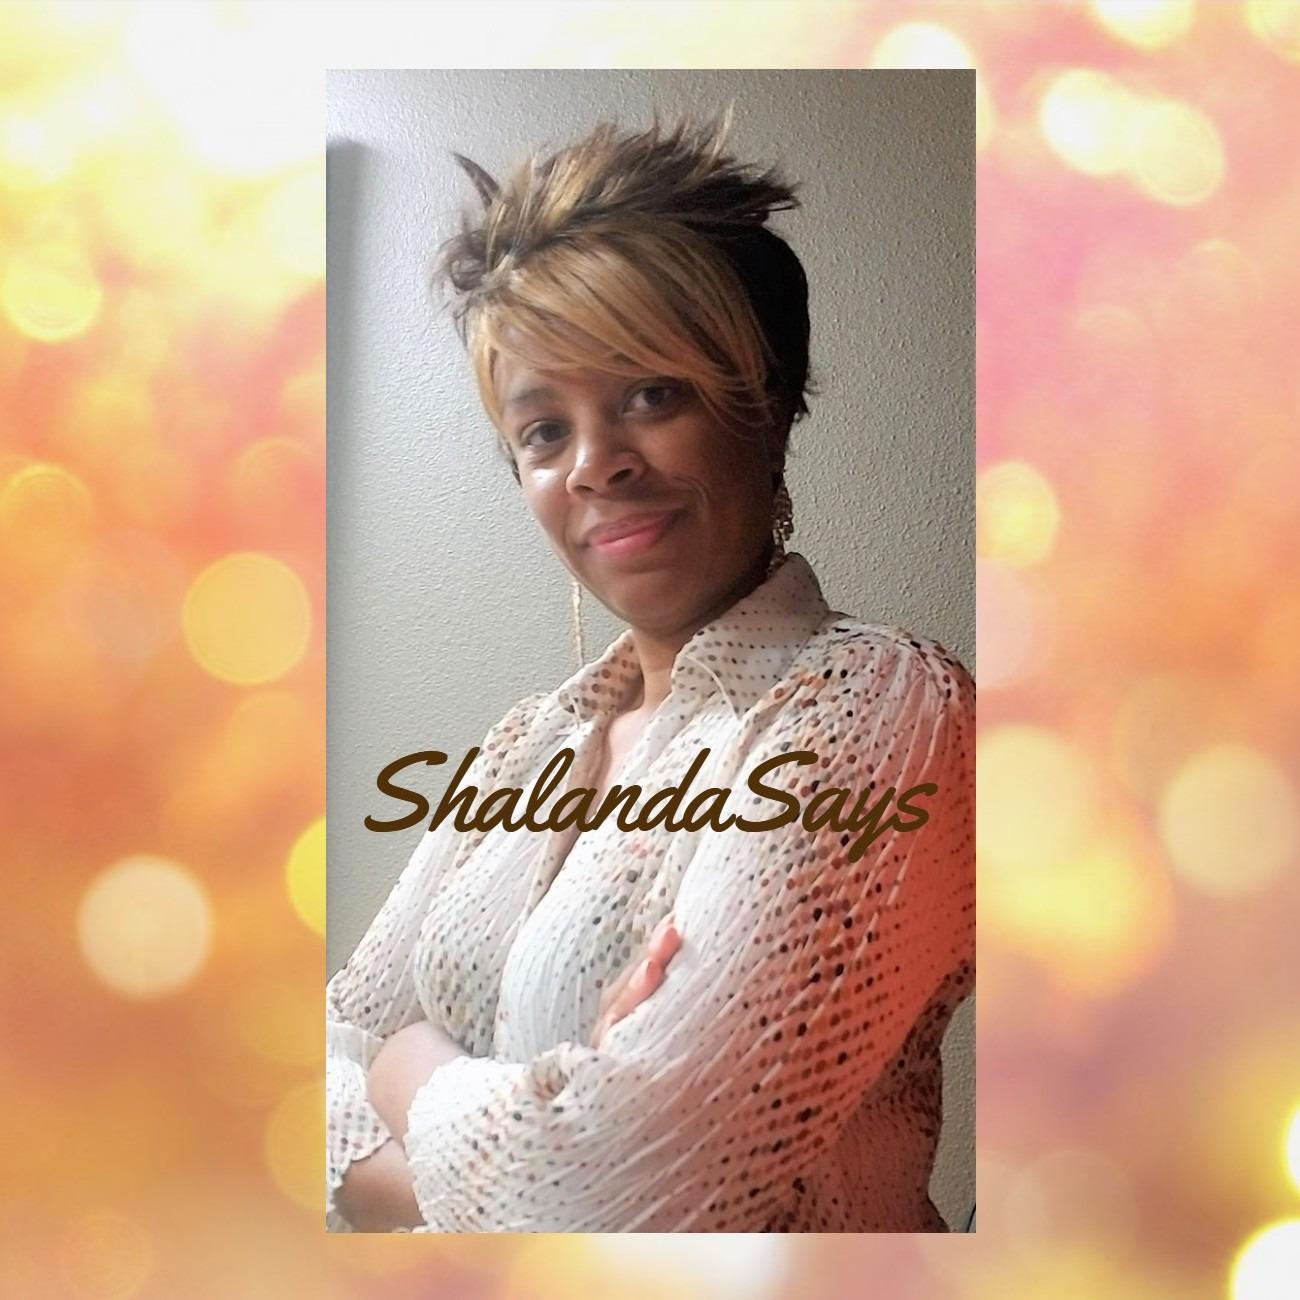 ShalandaSays Meet Tiffany Sheppeard